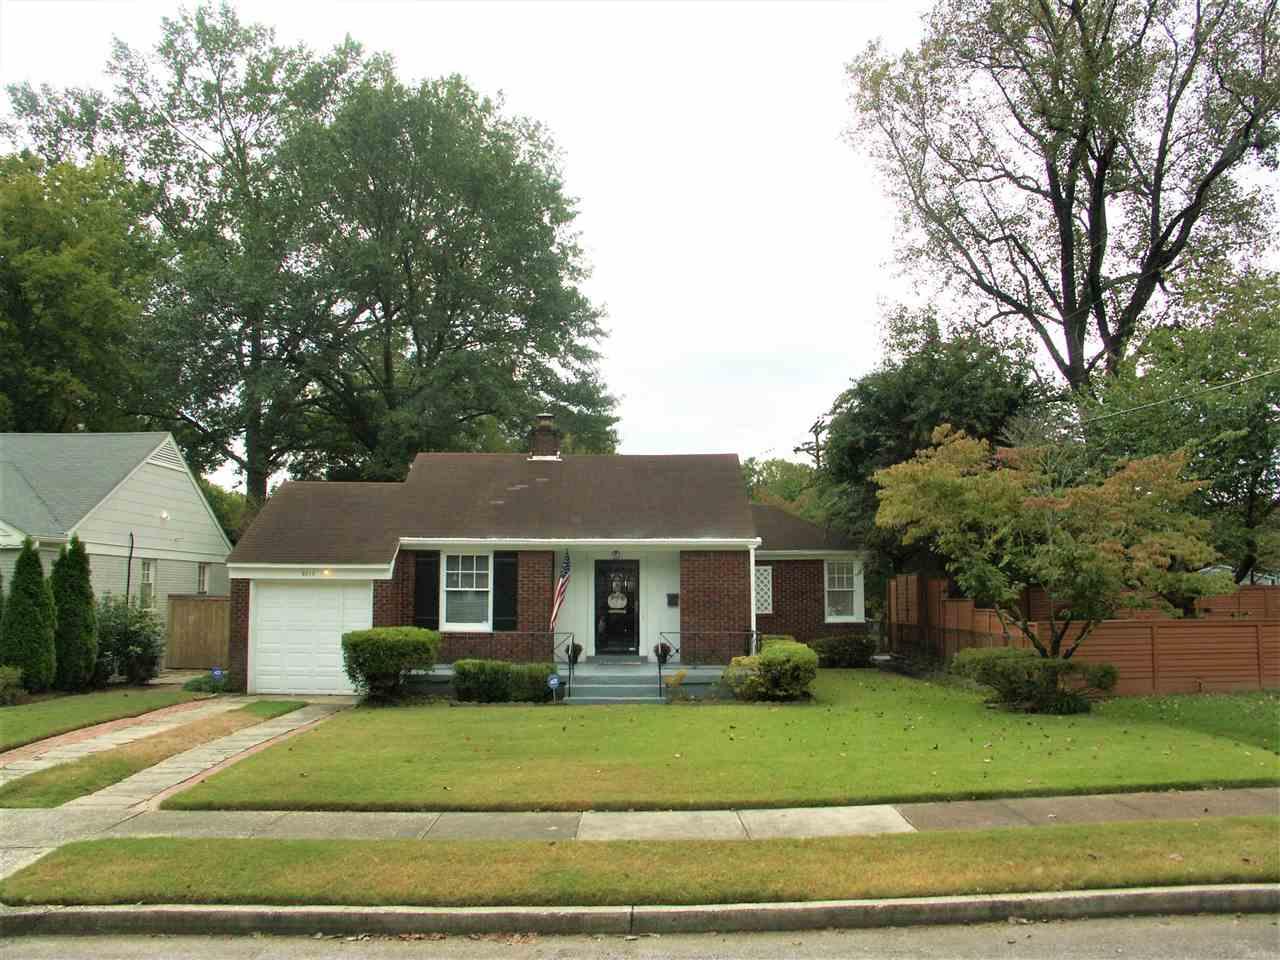 3519 KENWOOD AVE, Memphis, TN 38122